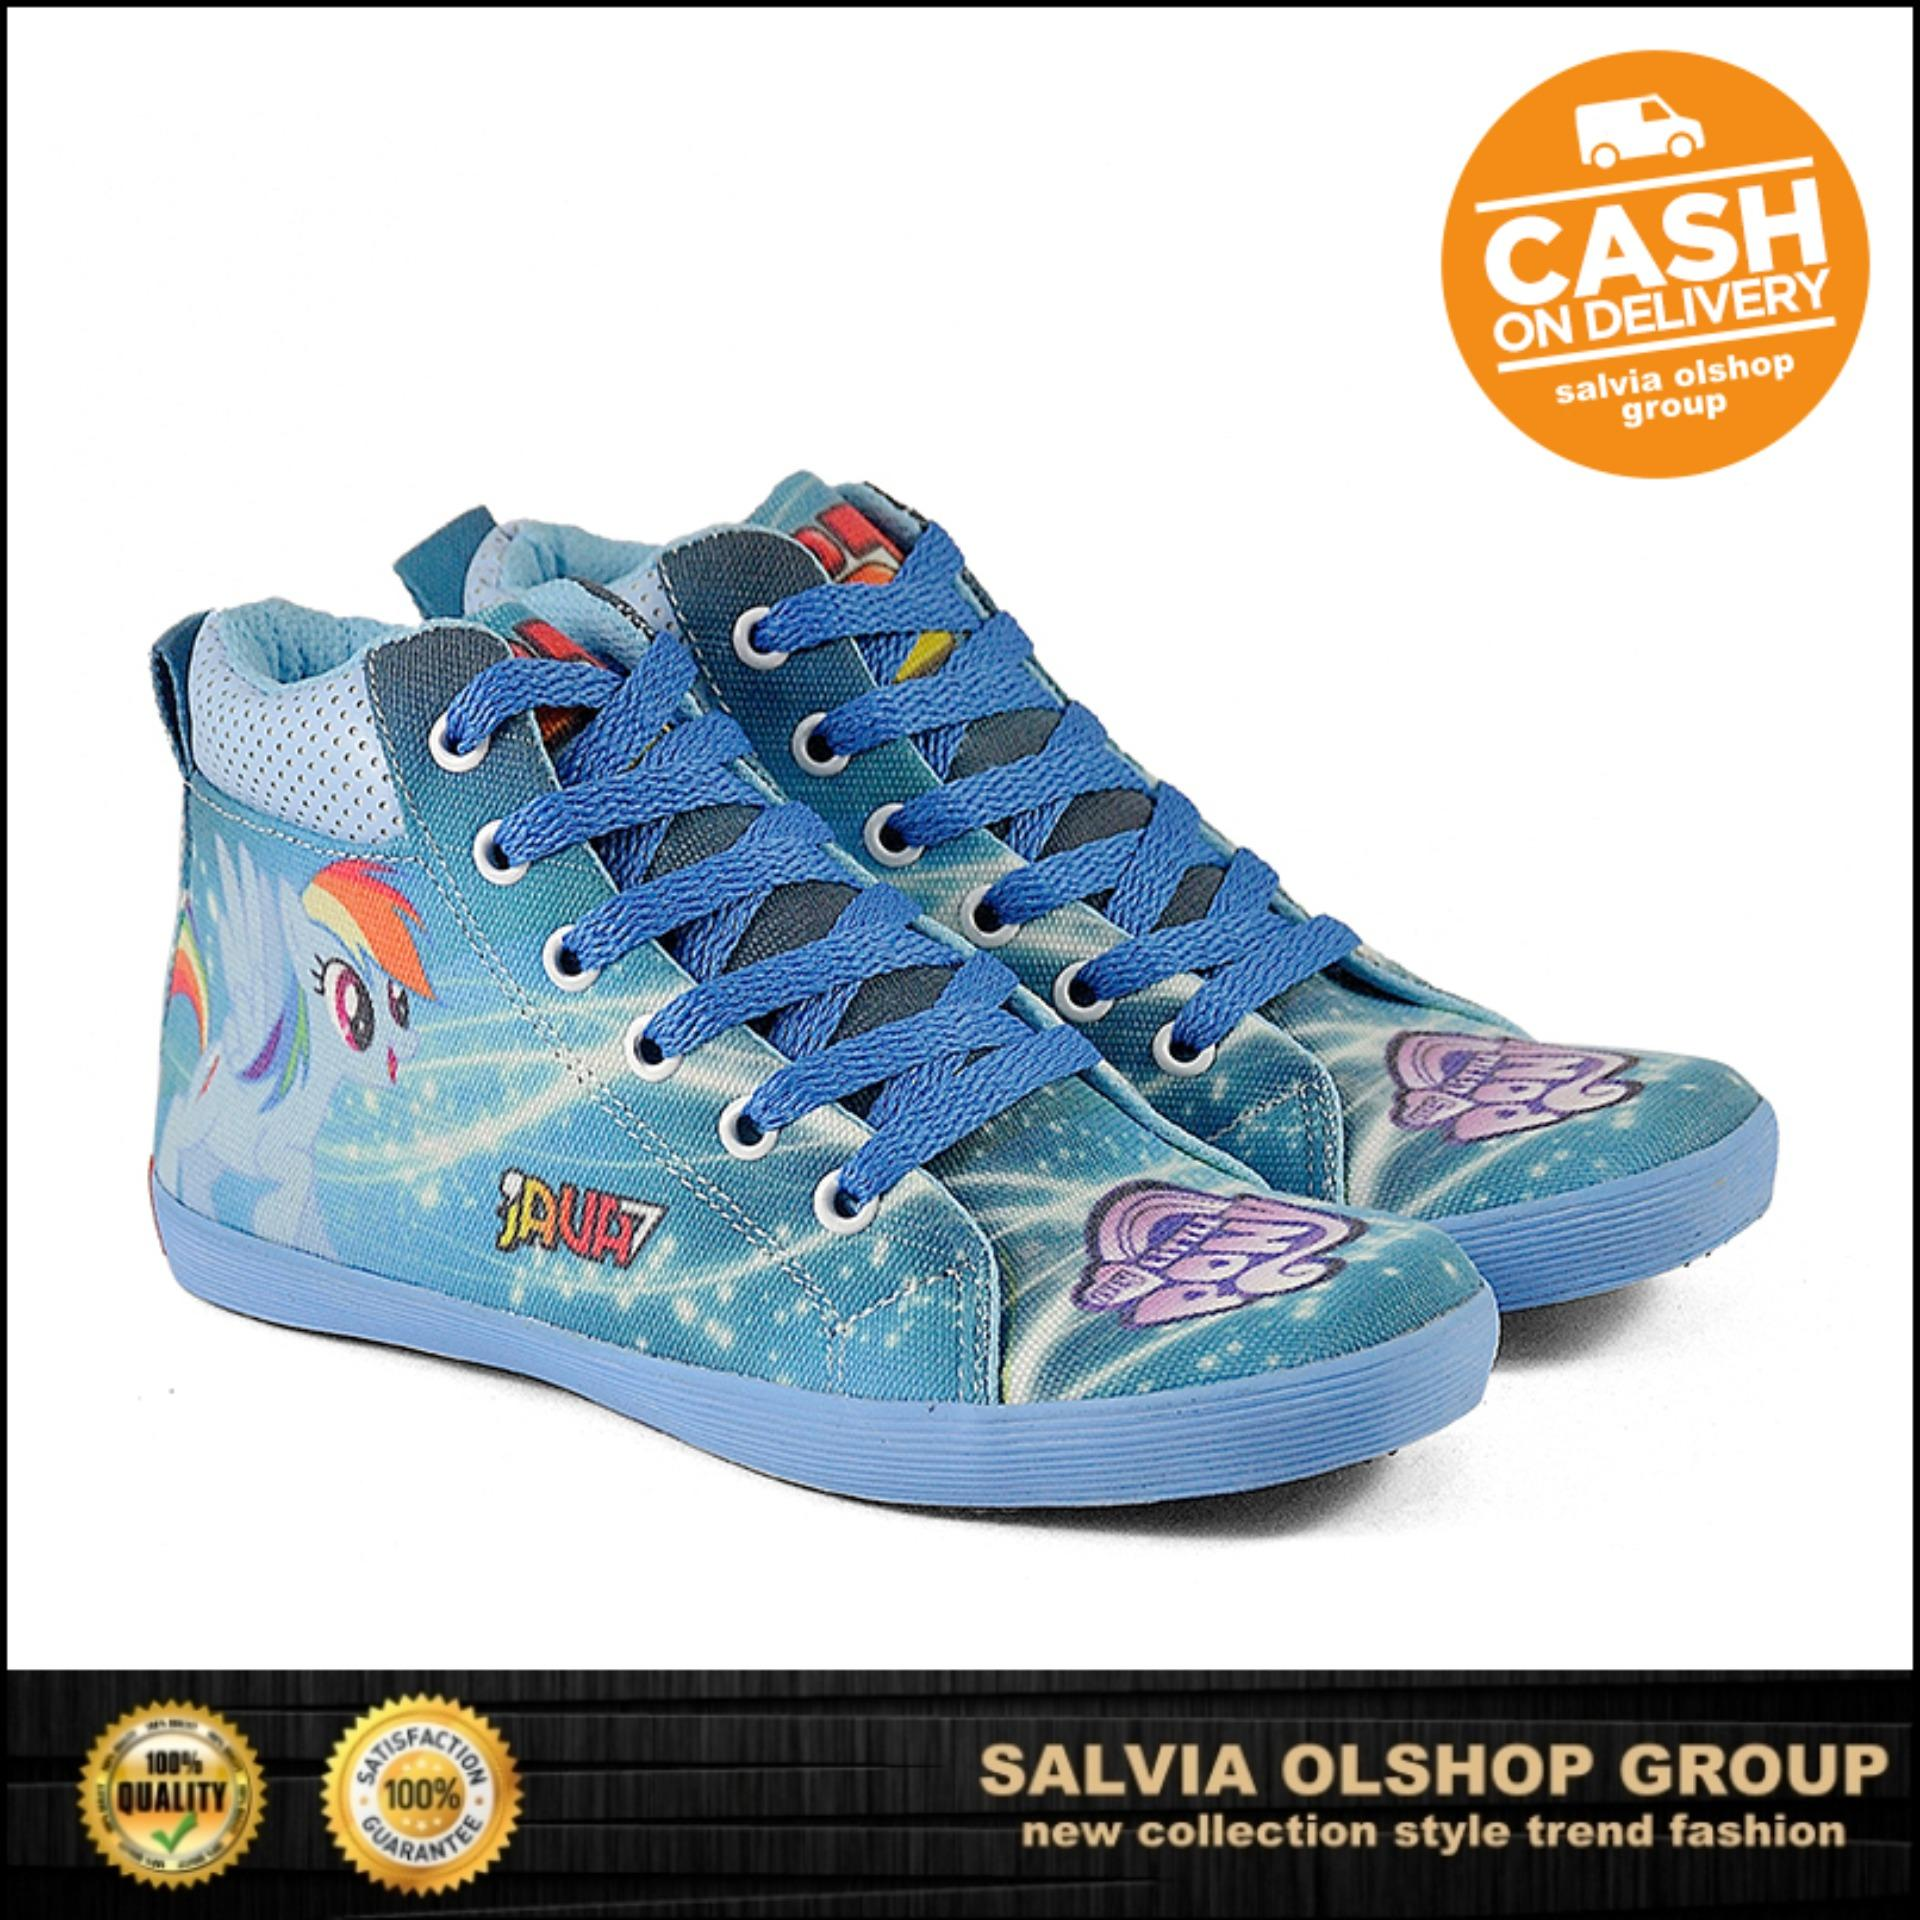 Java Sepatu Anak Perempuan Lucu Dan Modis Model Terbaru CNZ 793 - Biru 8d0d26c2ed